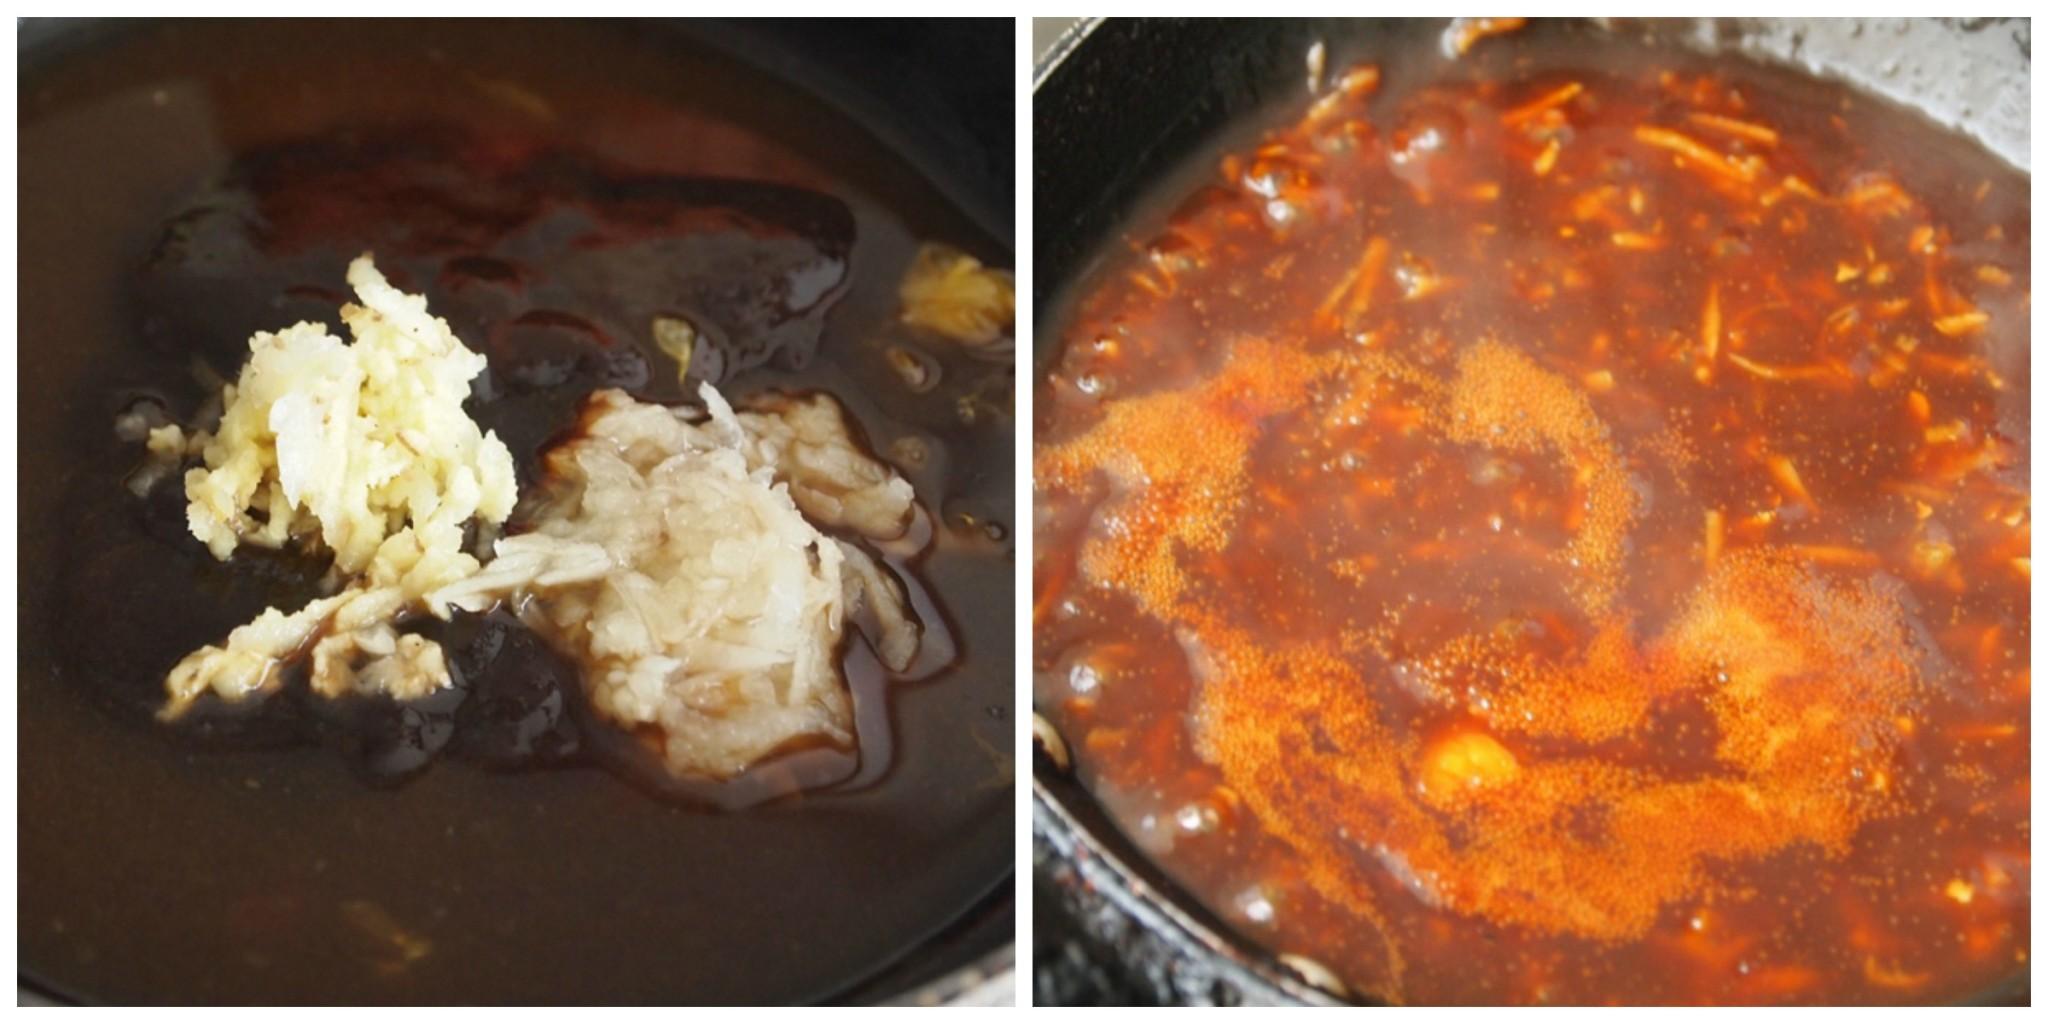 Pork chops with hoisin sauce. jpg